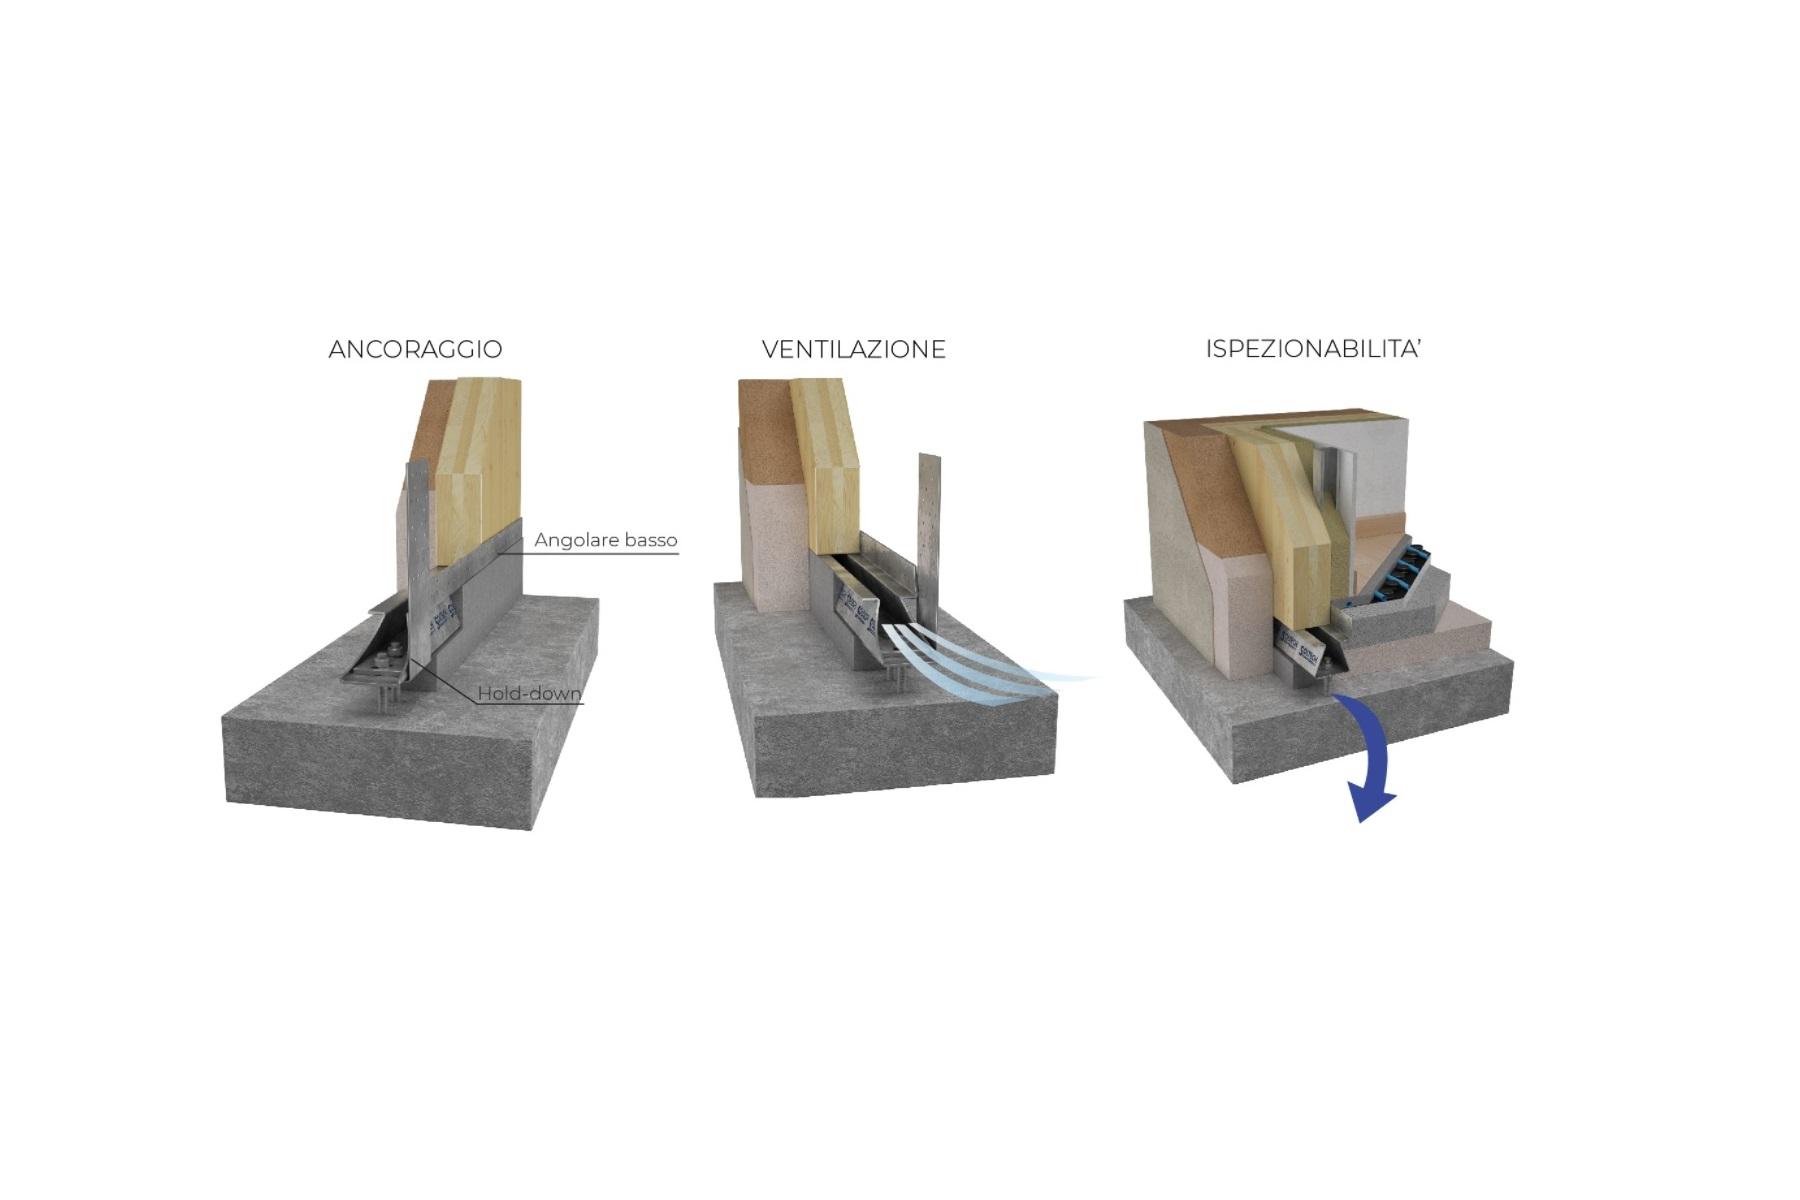 Isolamento attacco a terra nelle case in legno: ecco perché è necessario